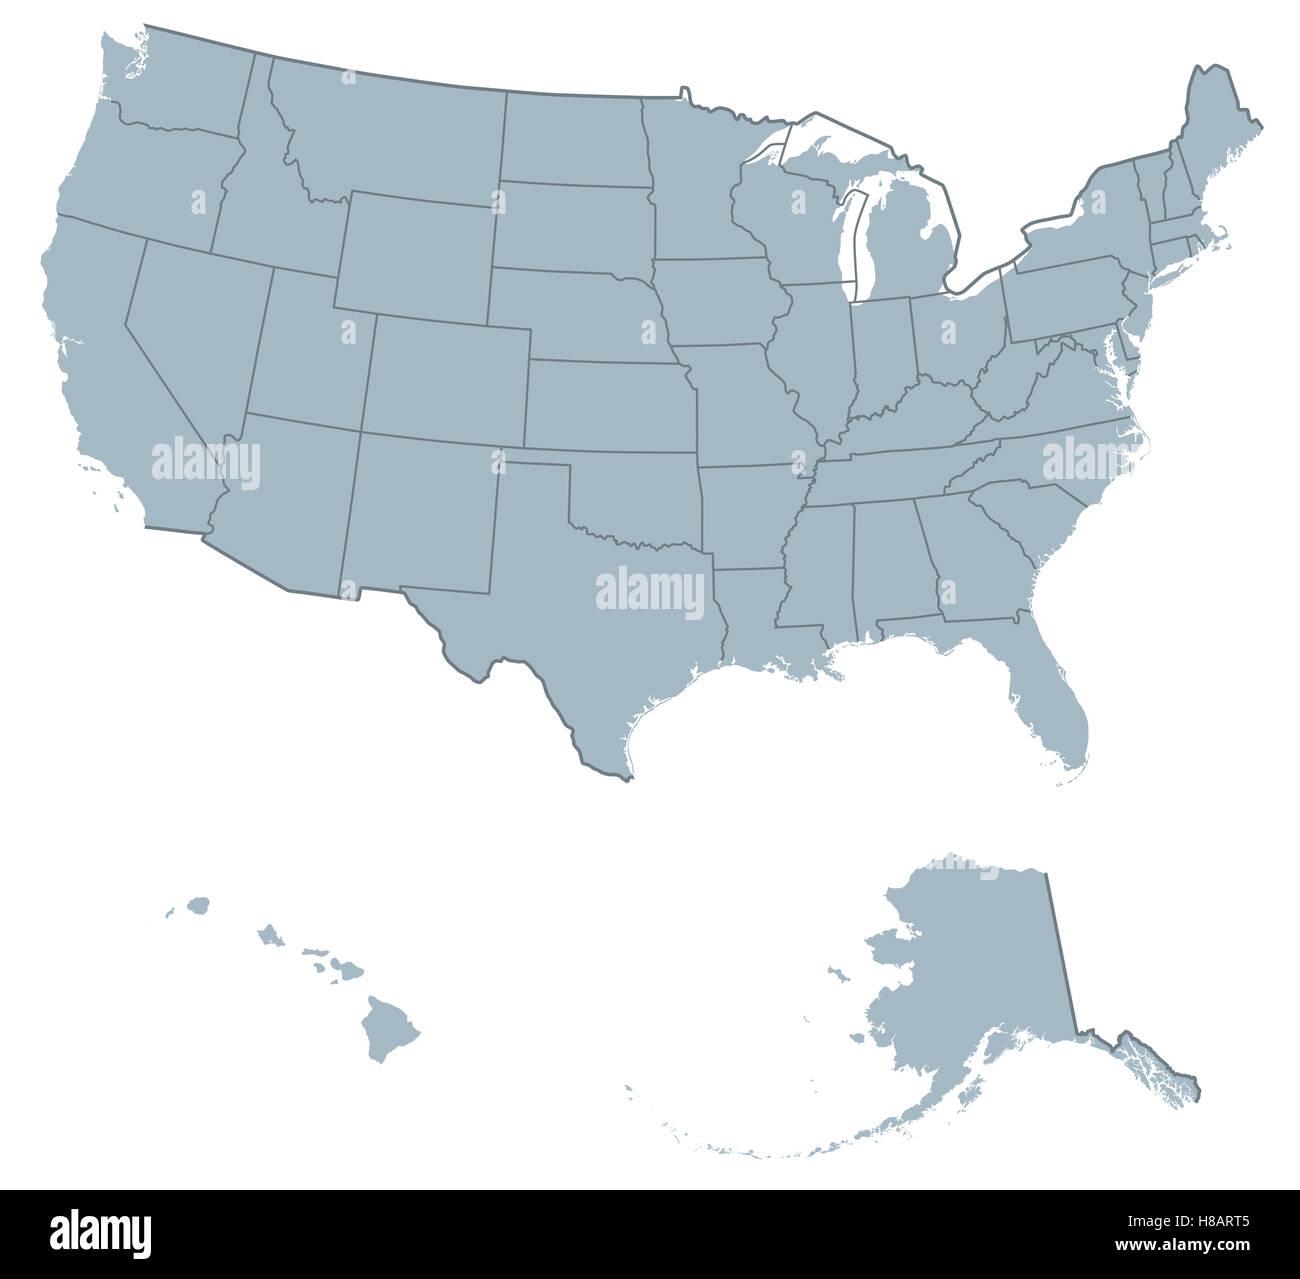 Politische Karte der USA Vereinigte Staaten von Amerika. Die ...